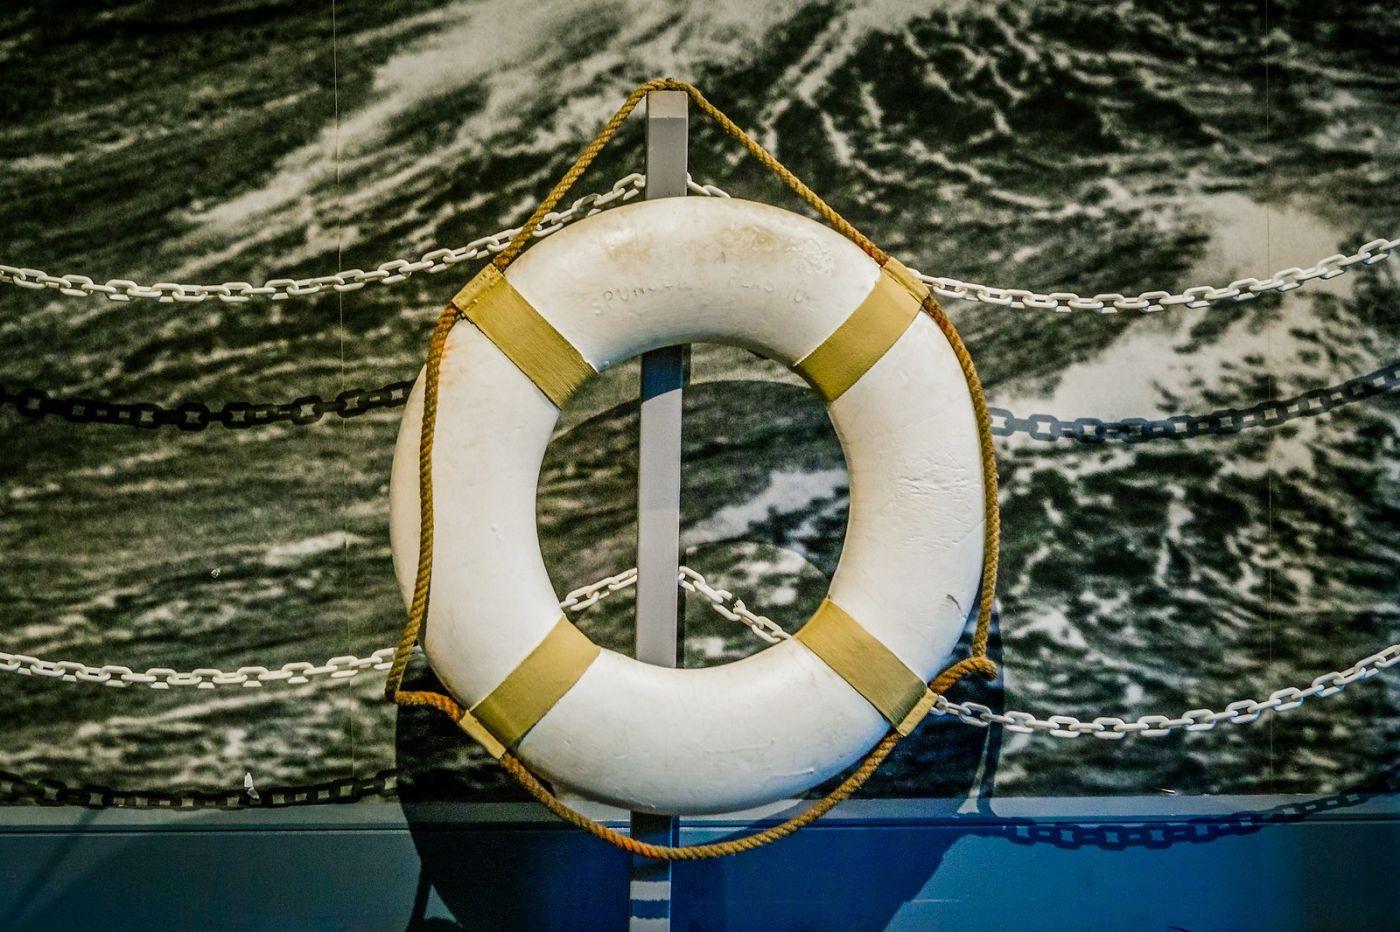 加拿大哈利法克斯(Halifax)大西洋海事博物馆_图1-24